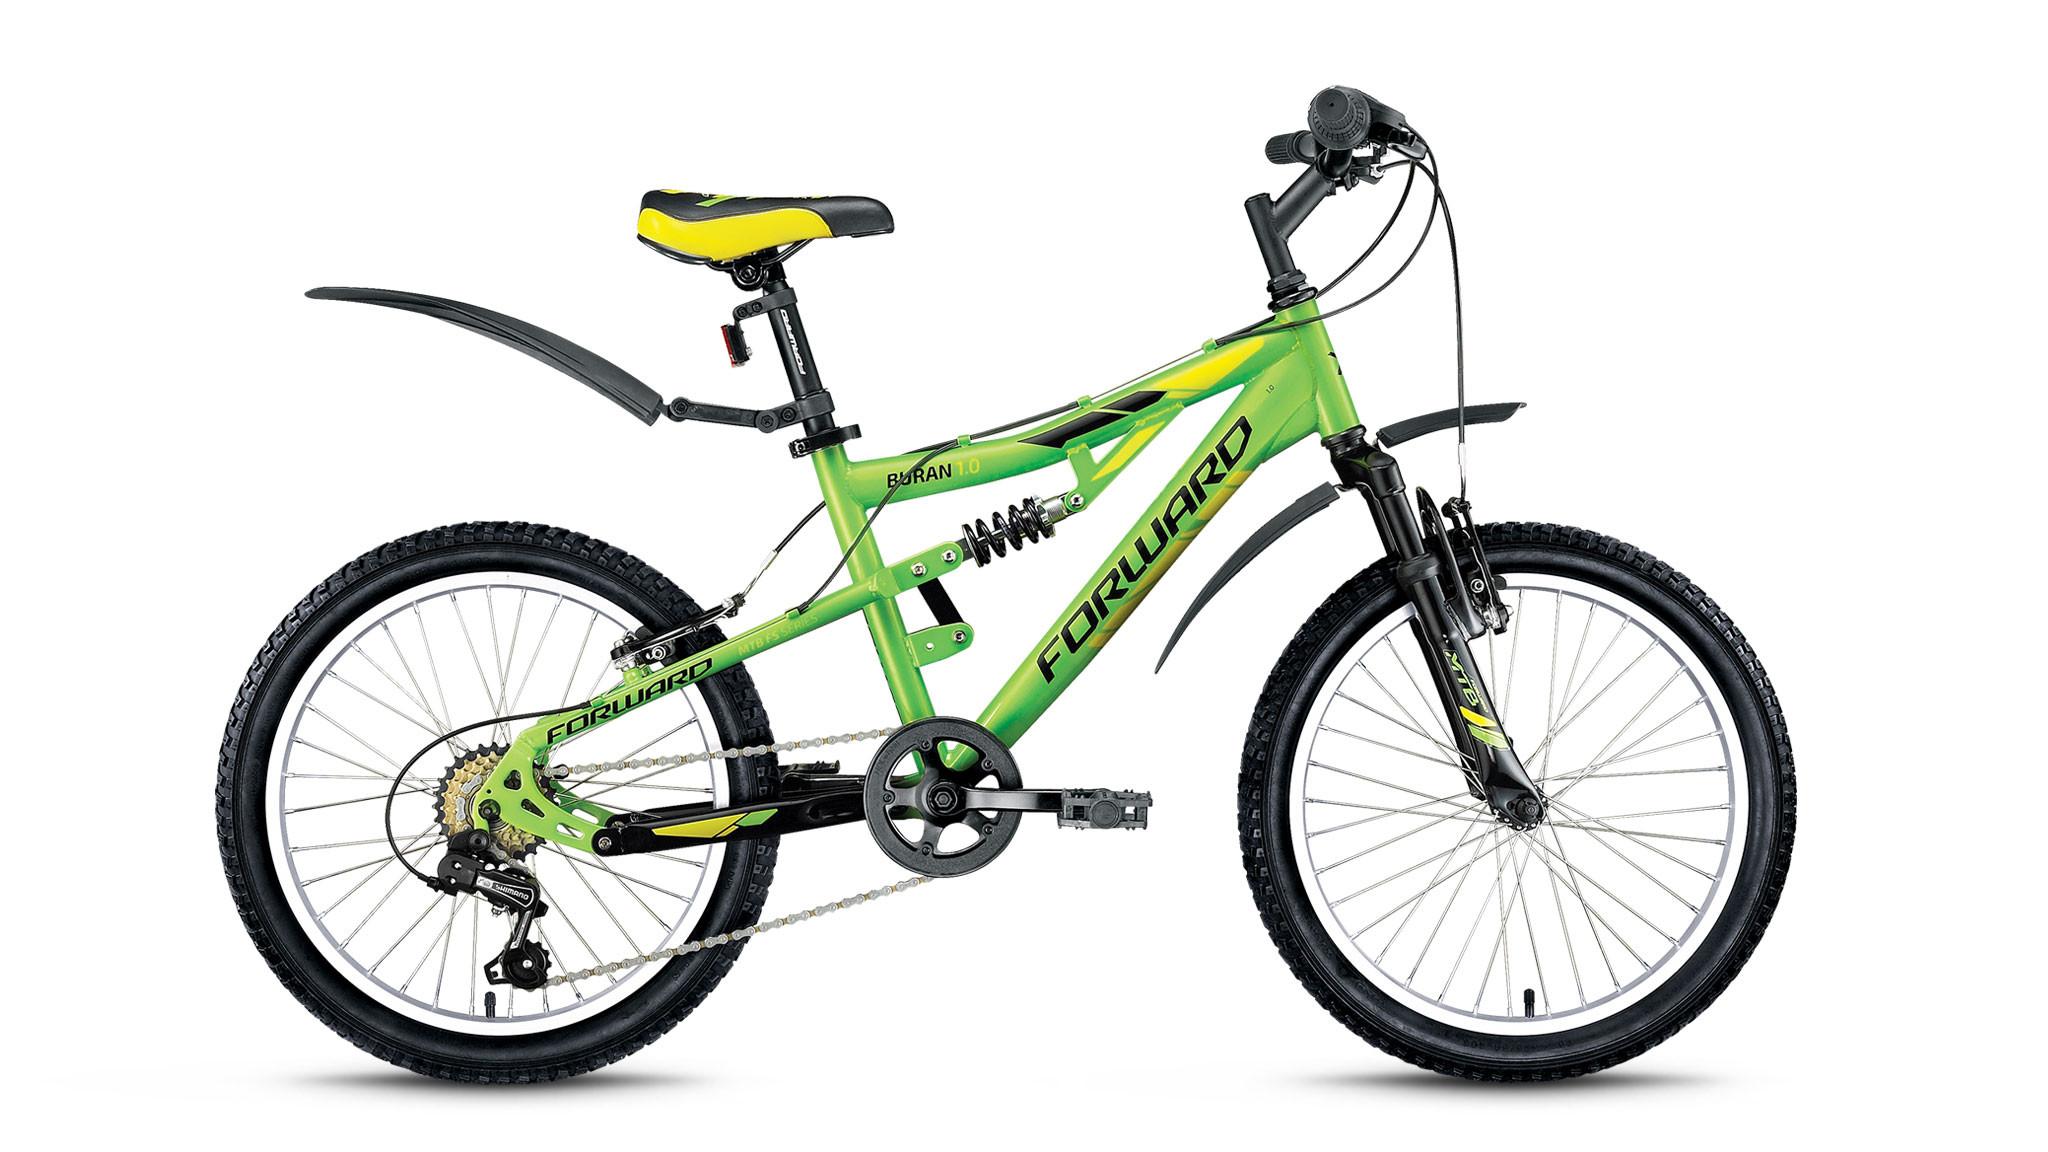 Детский велосипед Forward Buran 1.0 2017 зеленый/черный